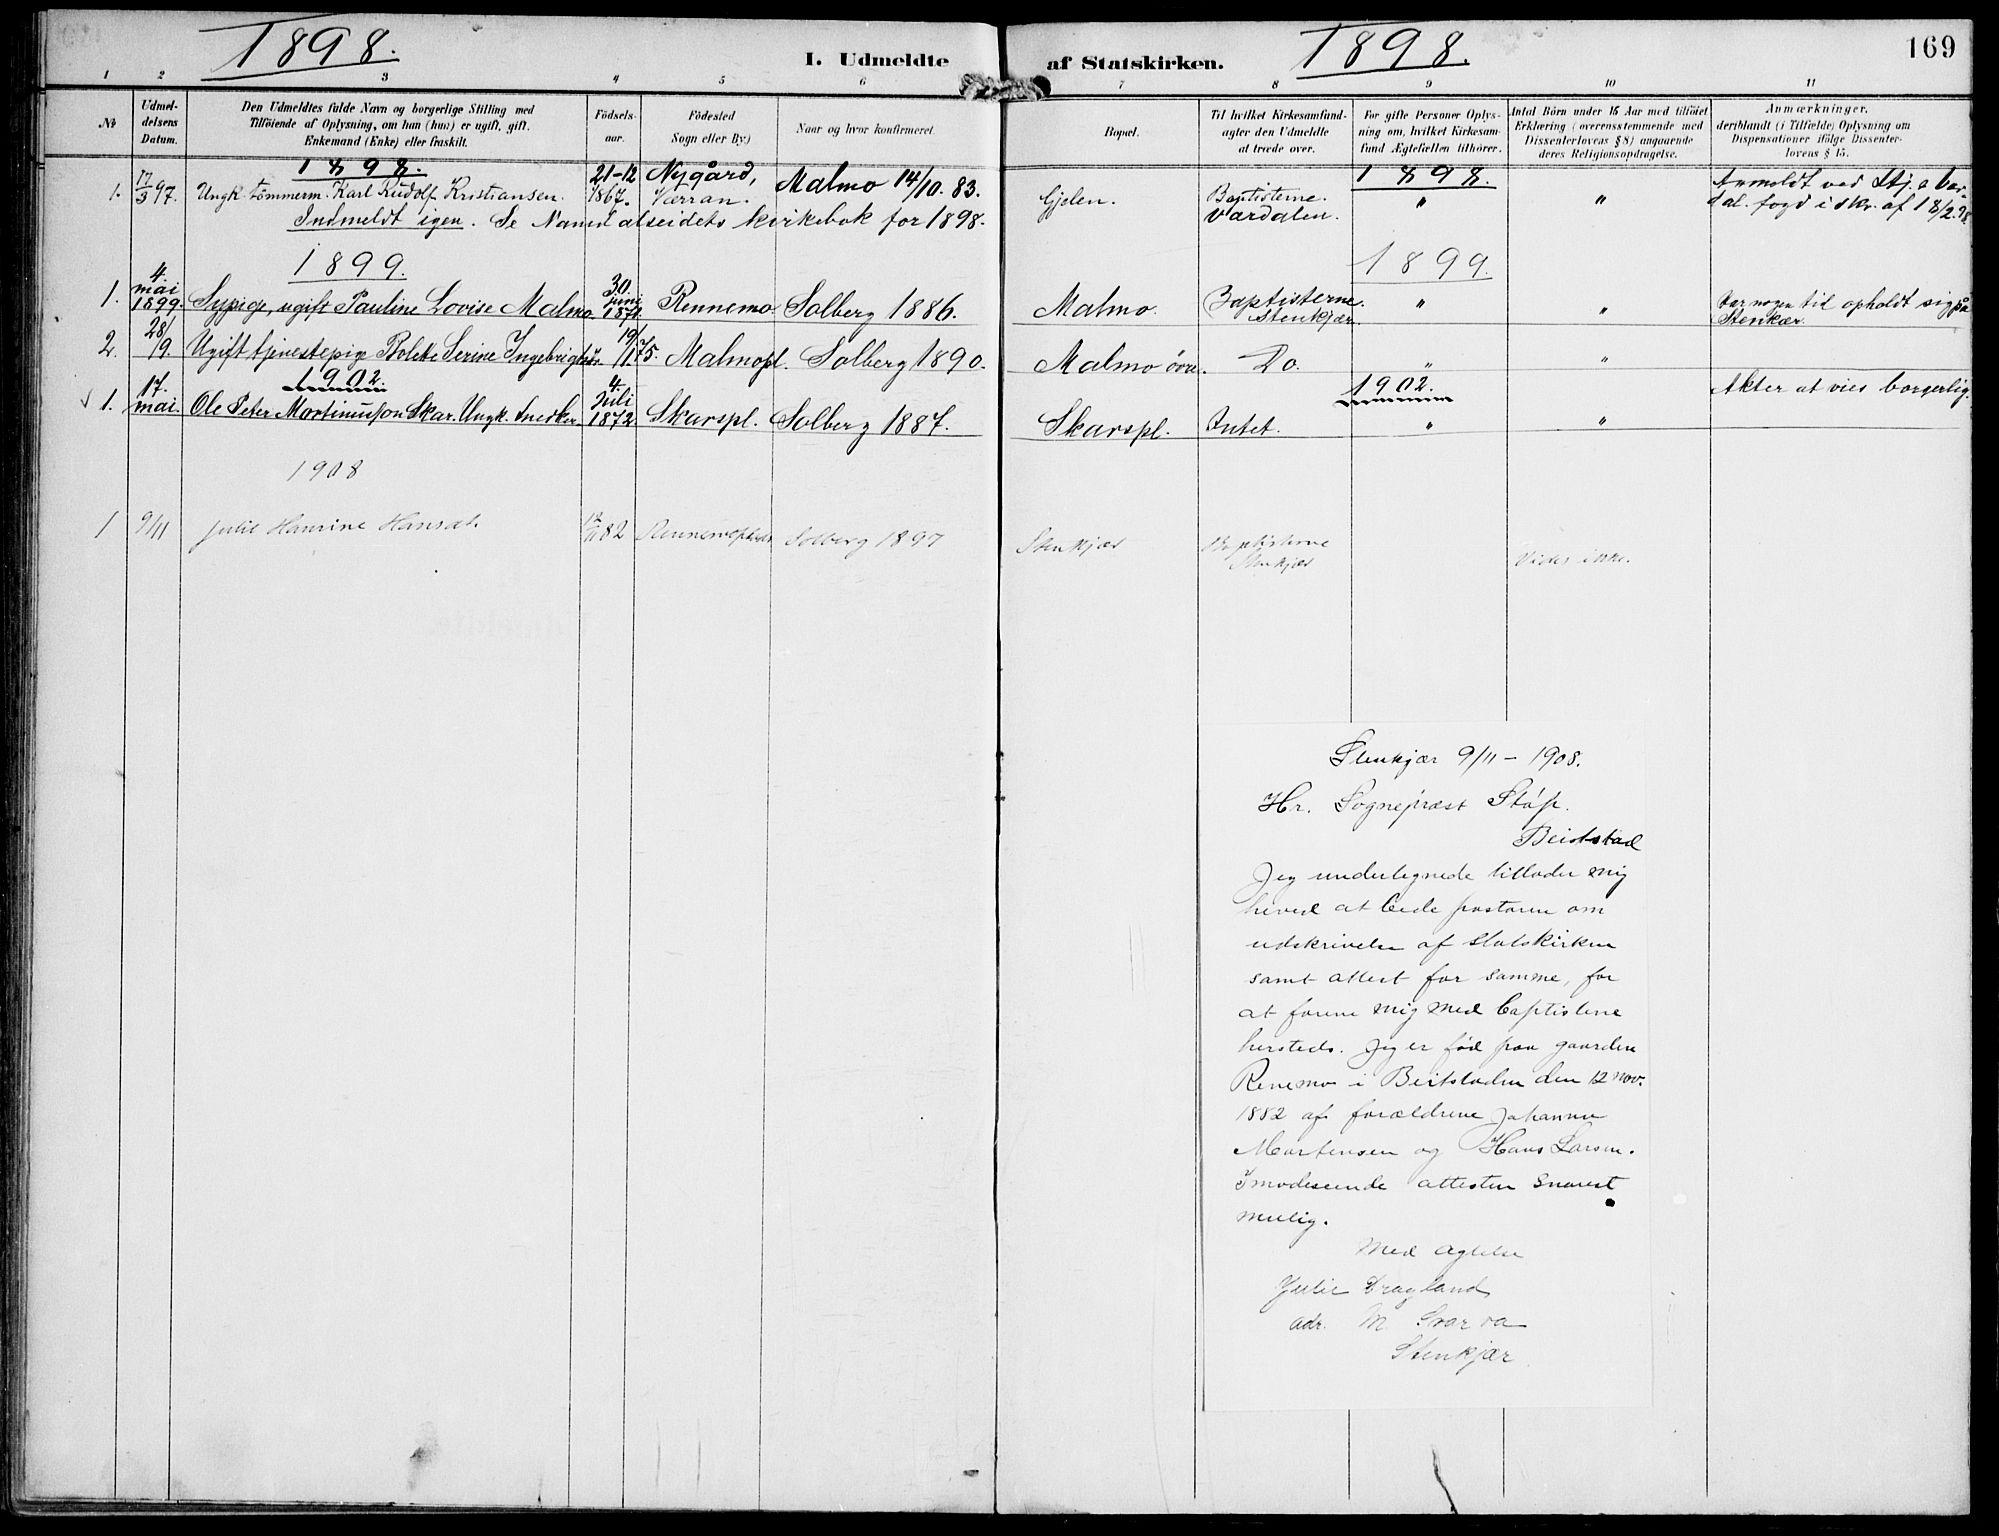 SAT, Ministerialprotokoller, klokkerbøker og fødselsregistre - Nord-Trøndelag, 745/L0430: Ministerialbok nr. 745A02, 1895-1913, s. 169